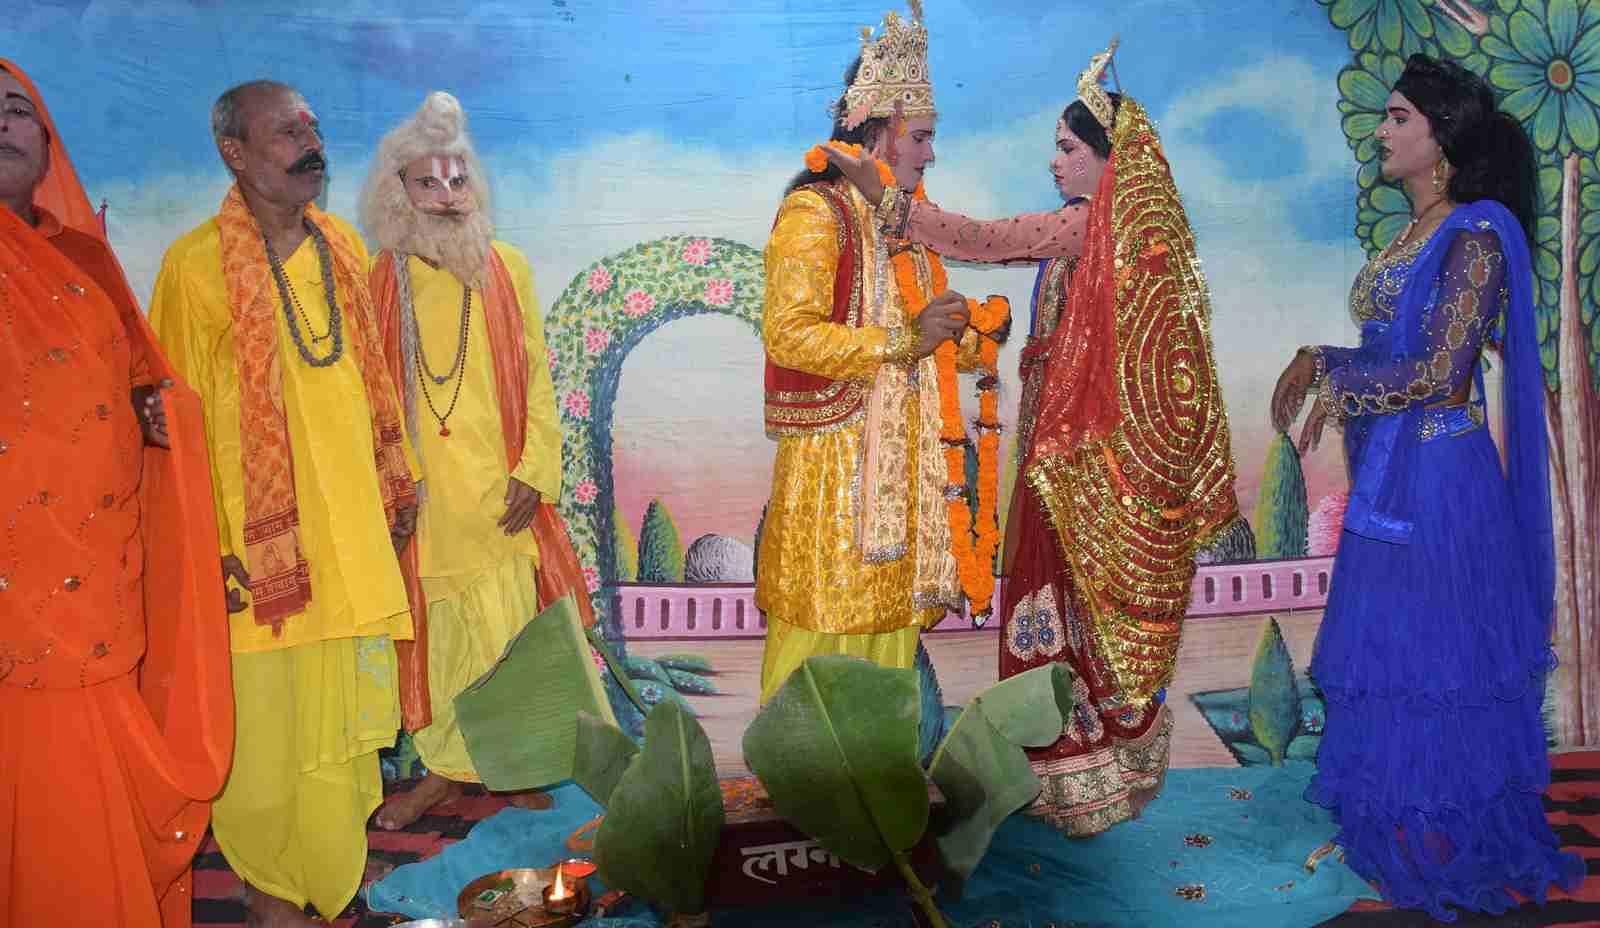 ुरानी कोतवाली में चल रही श्रीरामलीला में श्रीराम के गले में जयमाला डालती सीता जी।